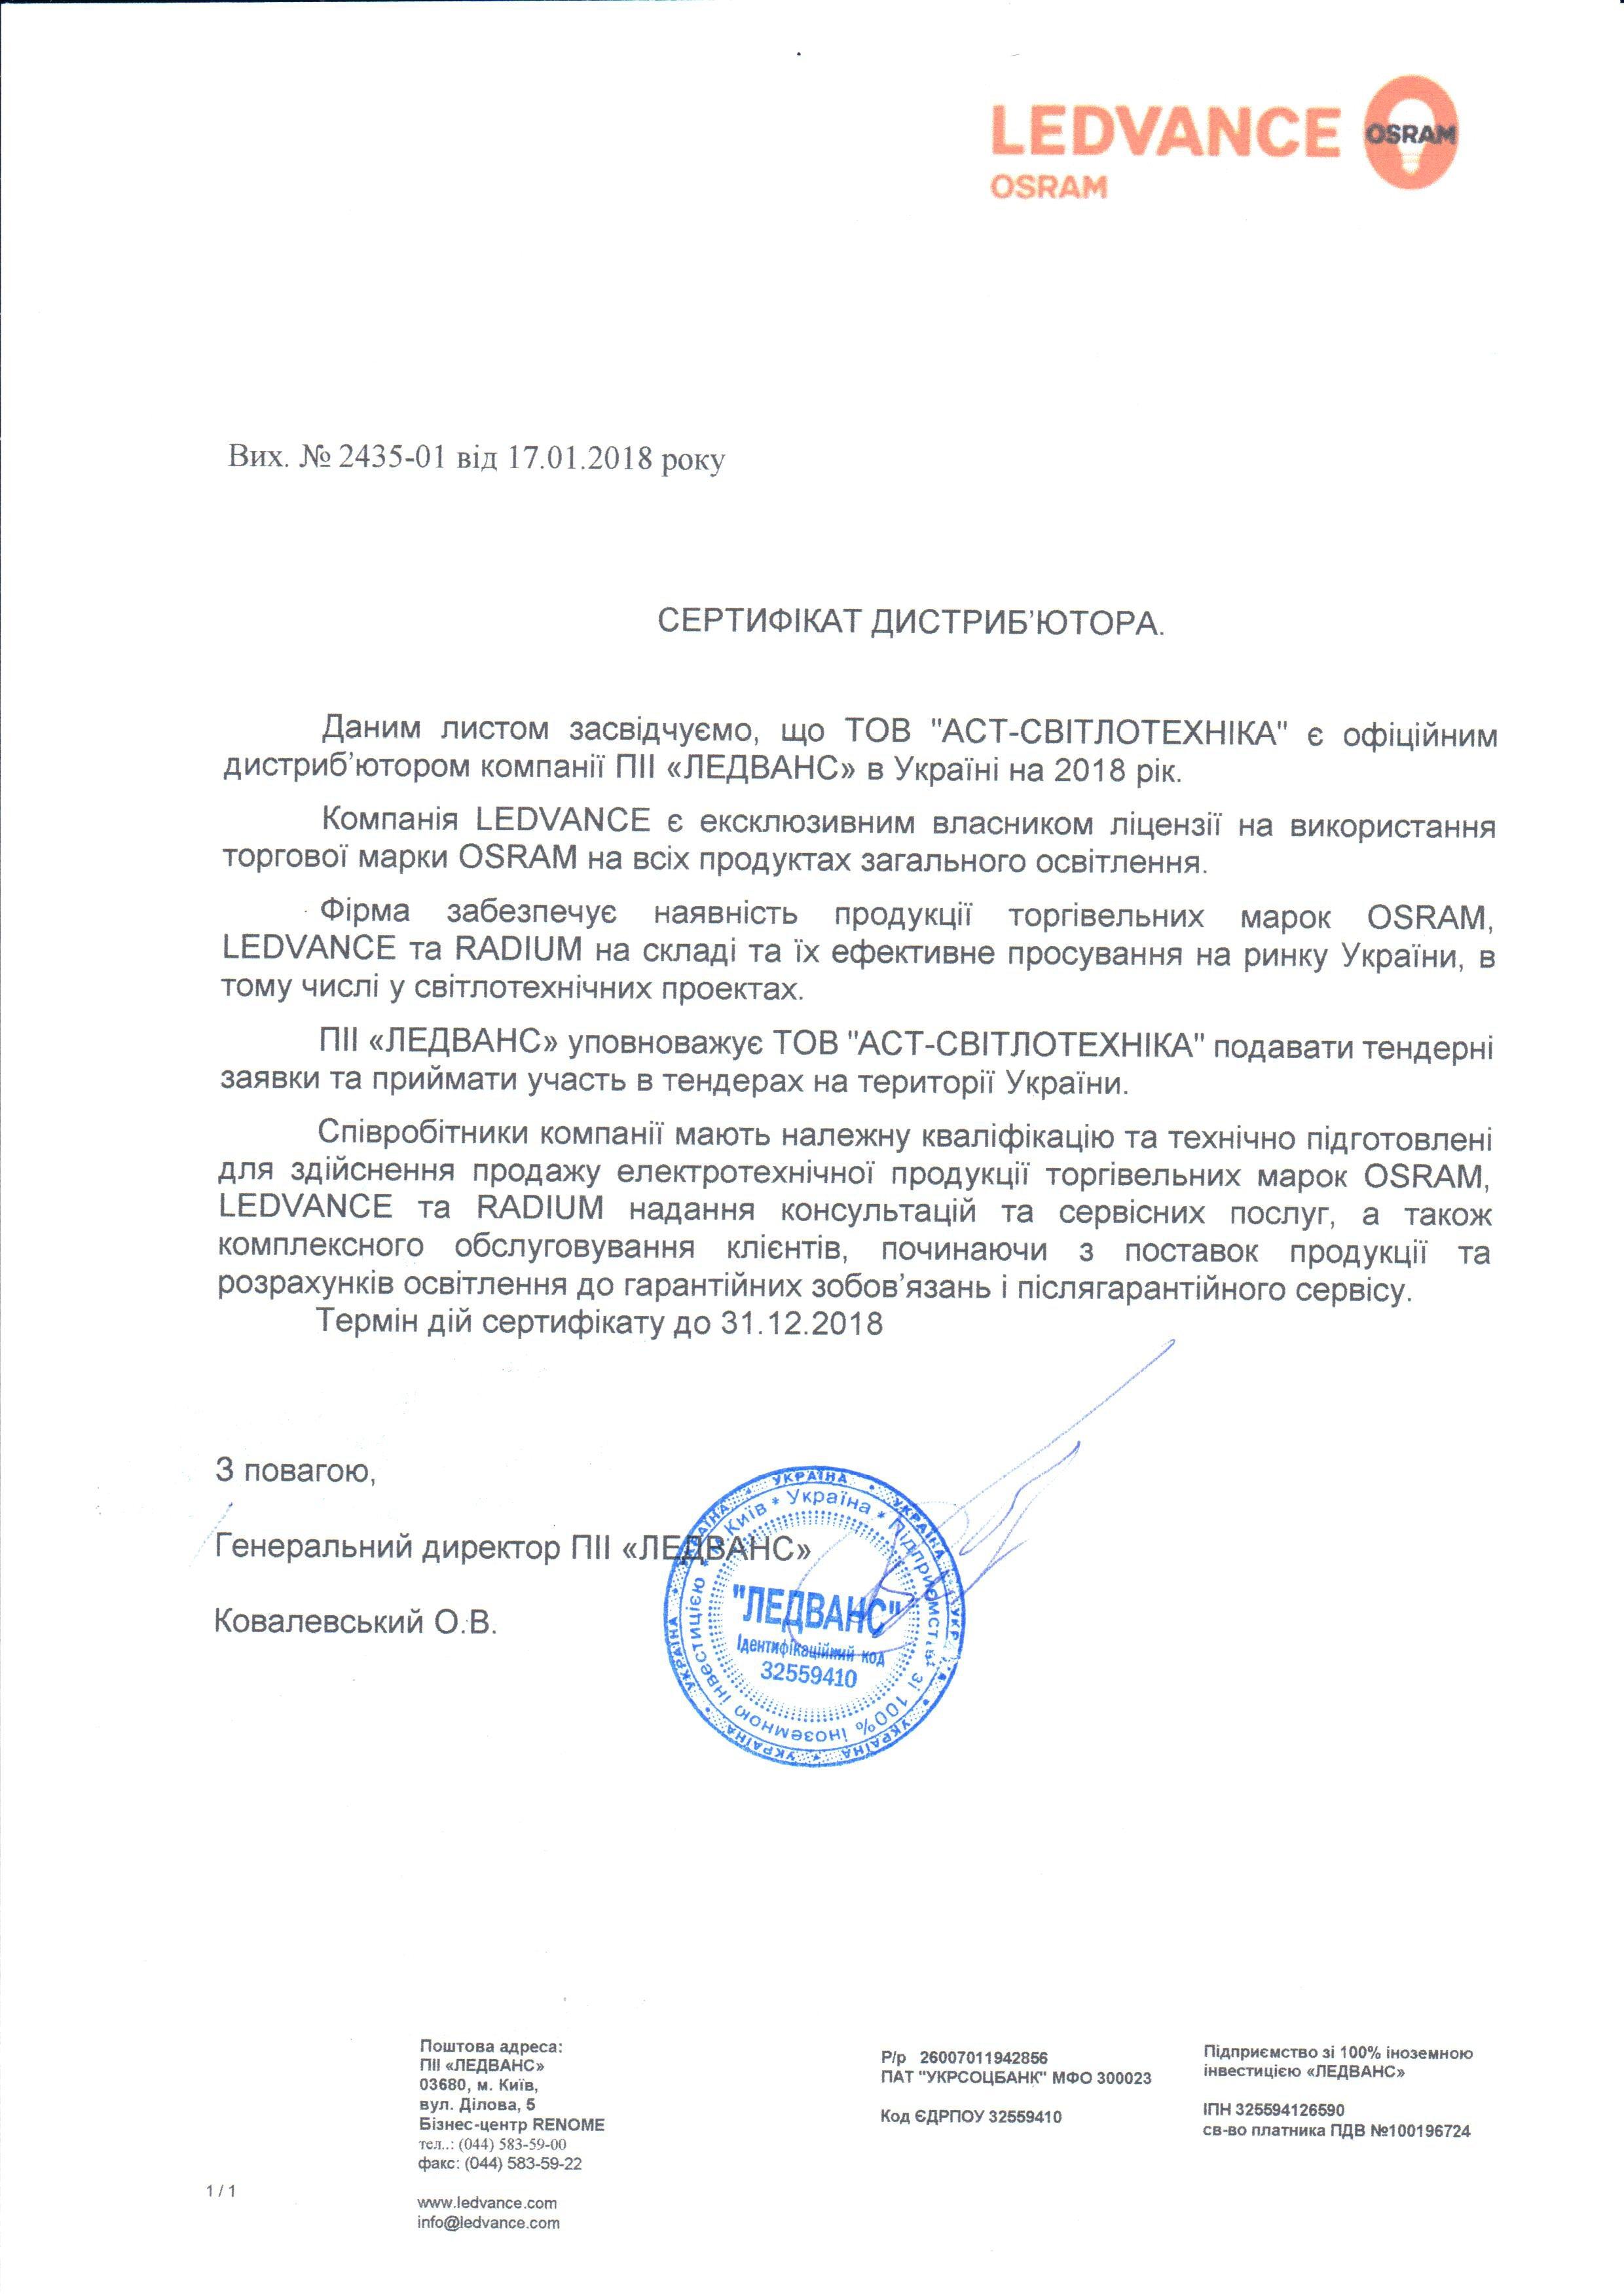 Сертифікат LEDVANCE OSRAM підтверджує, що Світлотехніка є офіційним дистриб'ютором компанії ЛЕДВАНС в Україні на 2018 рік. ПІІ ЛЕДВАНС уповноважує АСТ СВІТЛОТЕХНІКА подавати тендерні заявки і брати участь в тендерах на території України по продукції LEDVANCE OSRAM